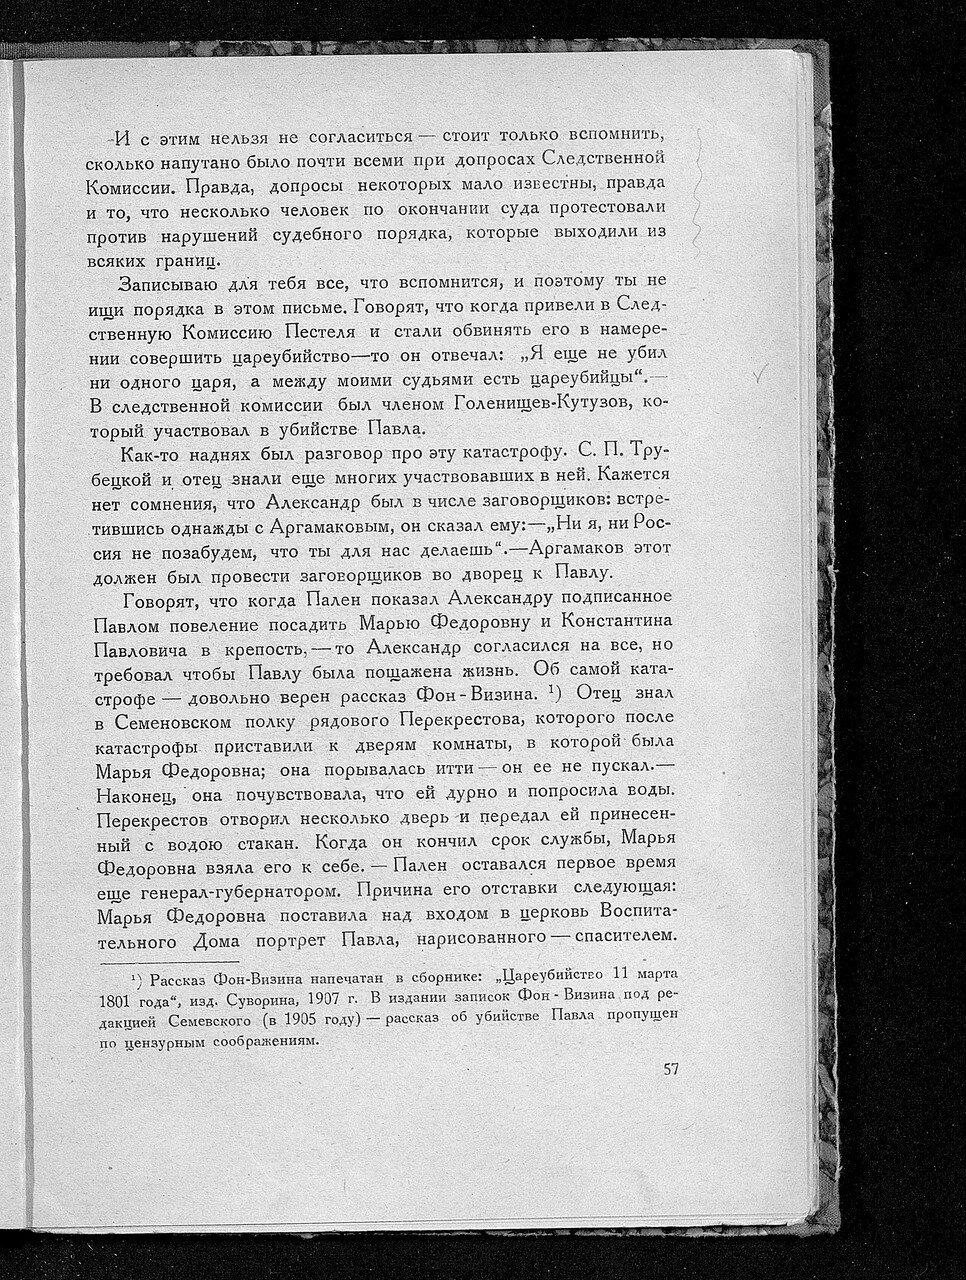 https://img-fotki.yandex.ru/get/872977/199368979.a1/0_214335_3ff196a9_XXXL.jpg